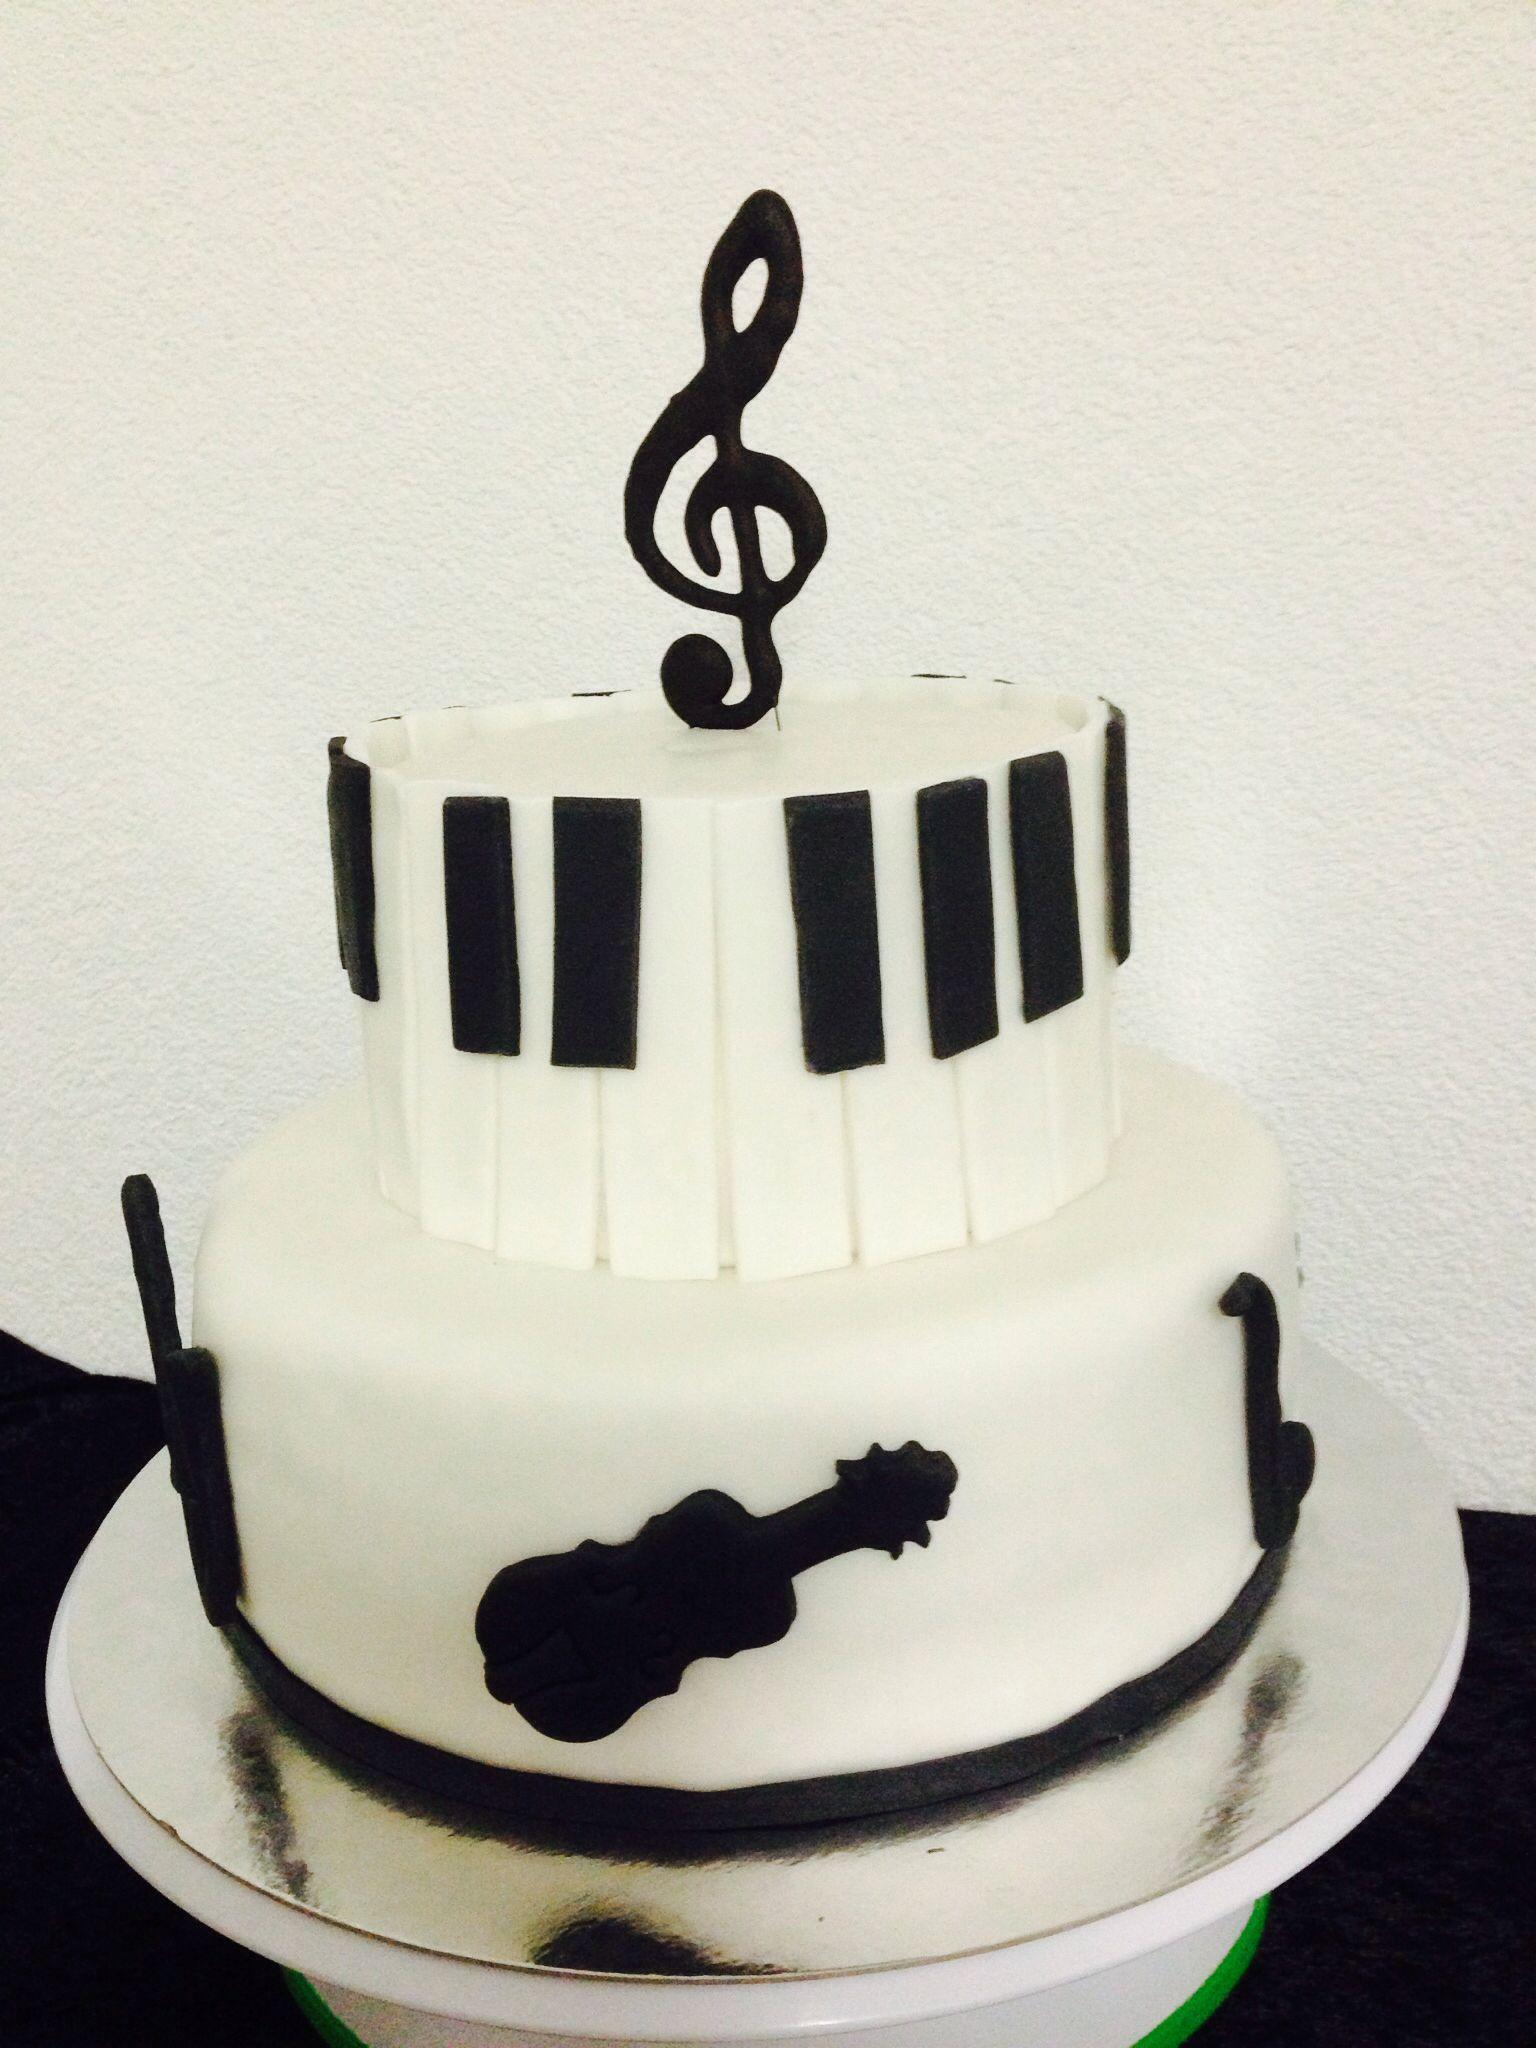 Musik cake / Musik Torte